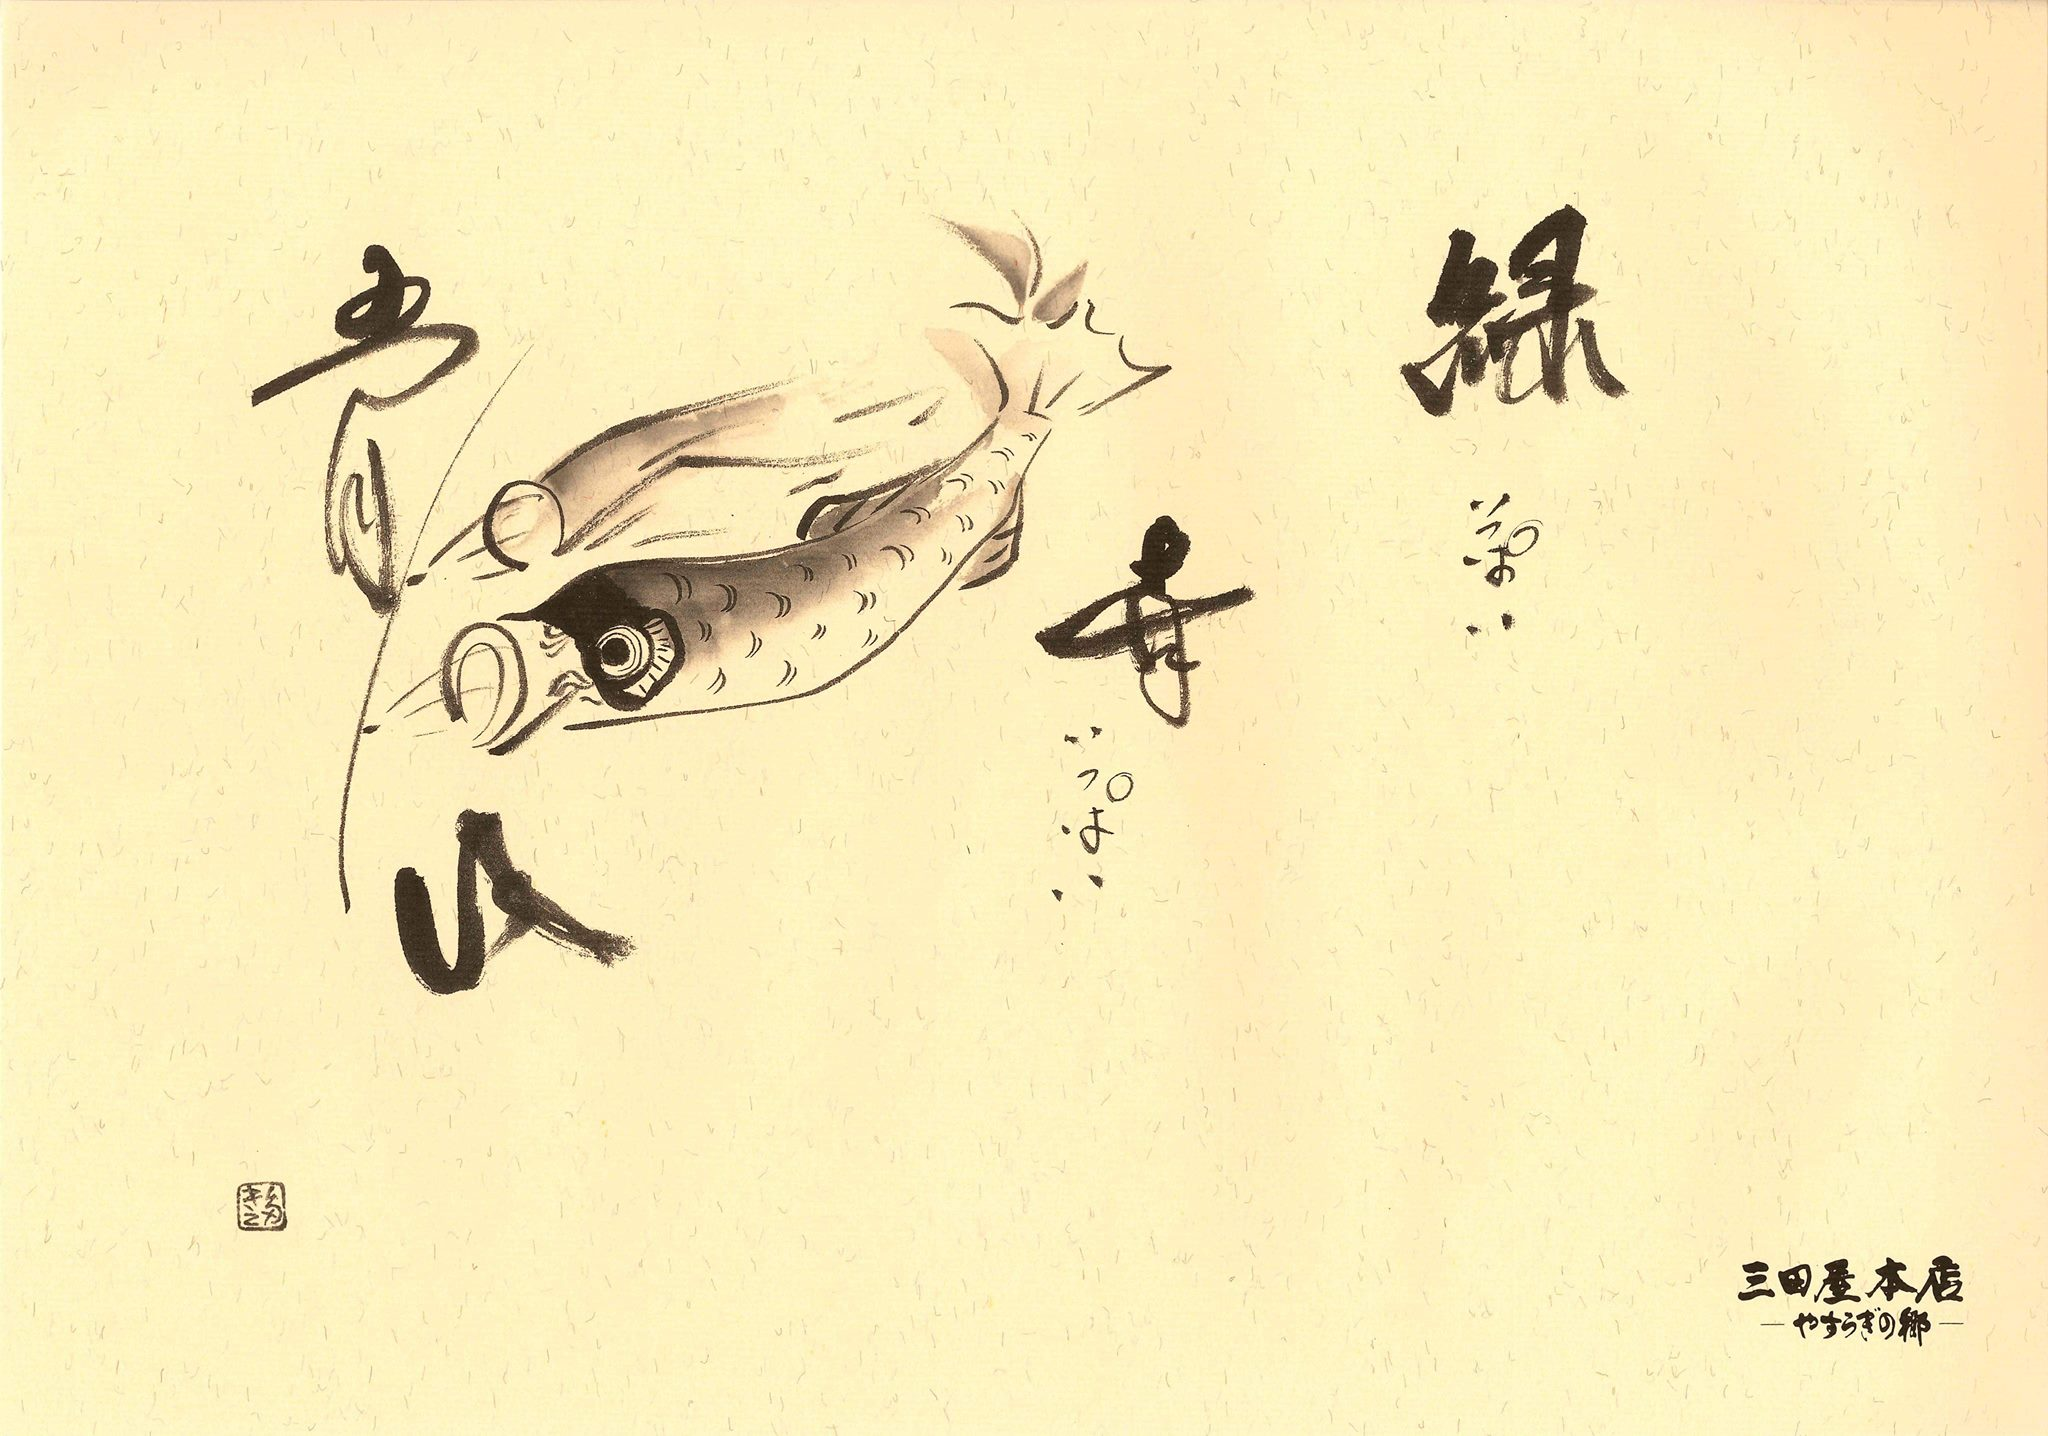 テーブルマット「鯉のぼり」